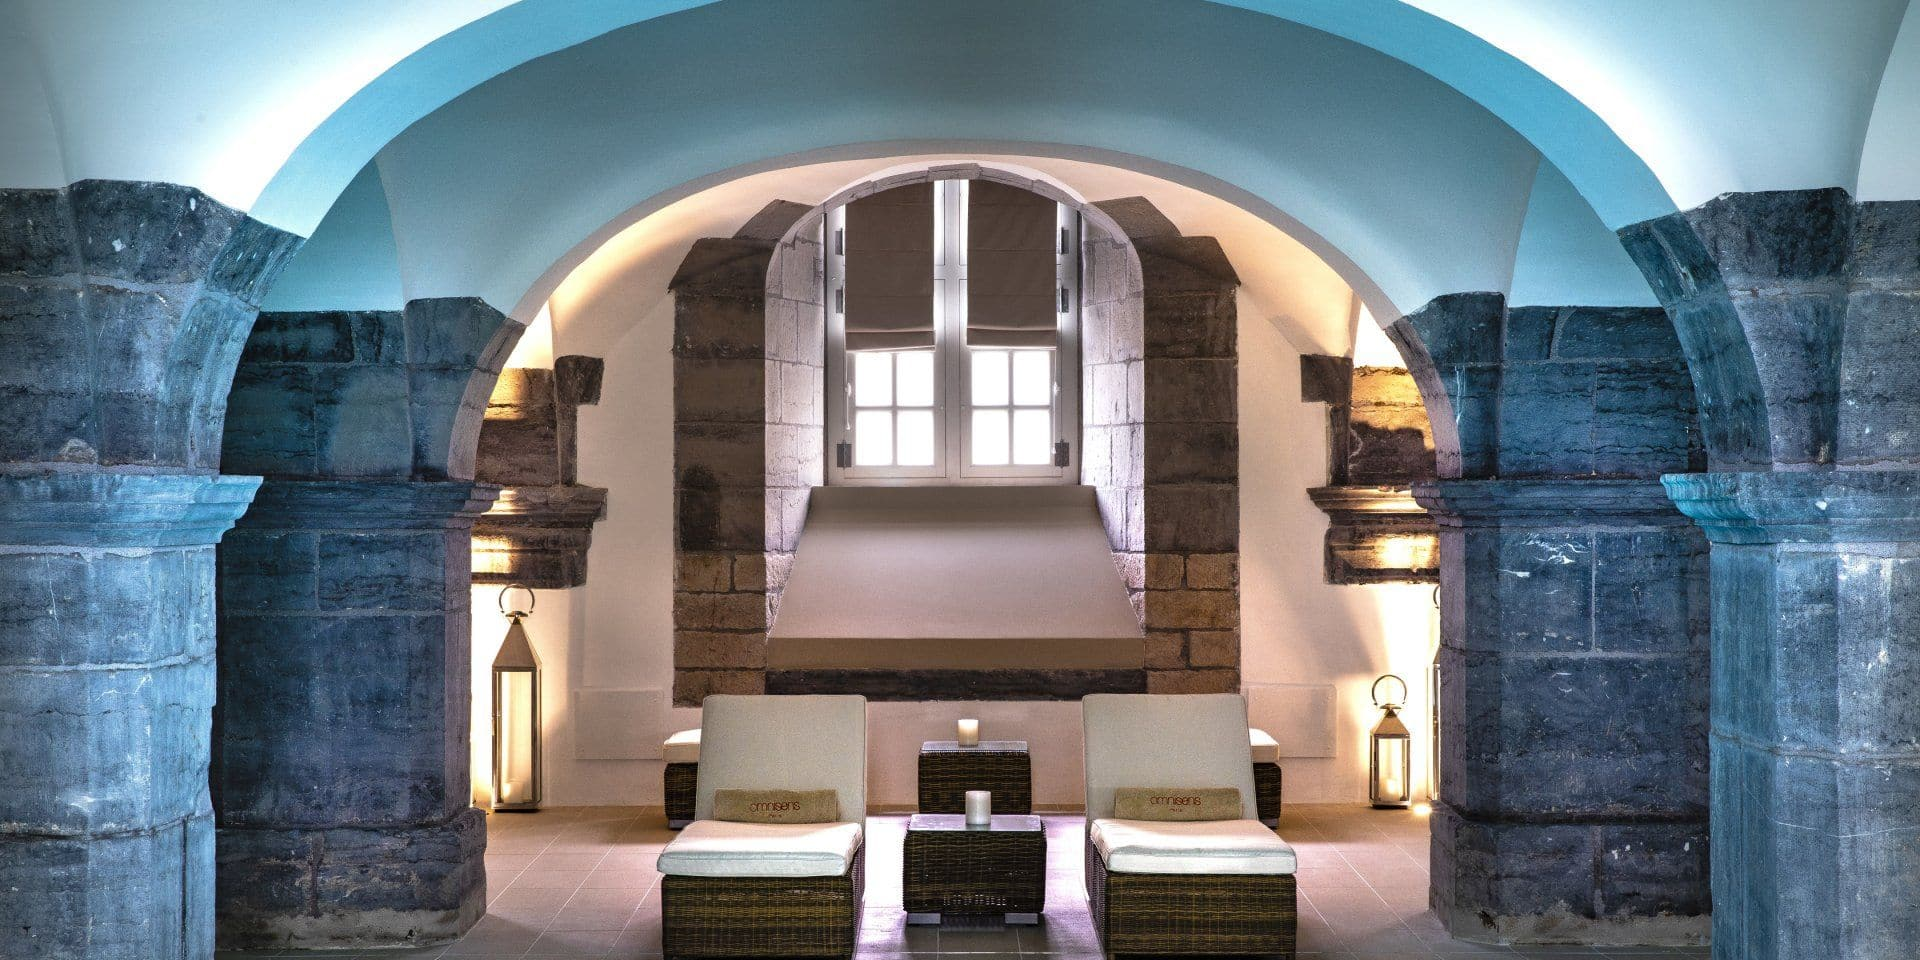 Concours réservé aux abonnés : 6 séjours de 2 nuits en Suite Présidentielle pour 4 personnes au Royal Hainaut Spa & Resort Hotel